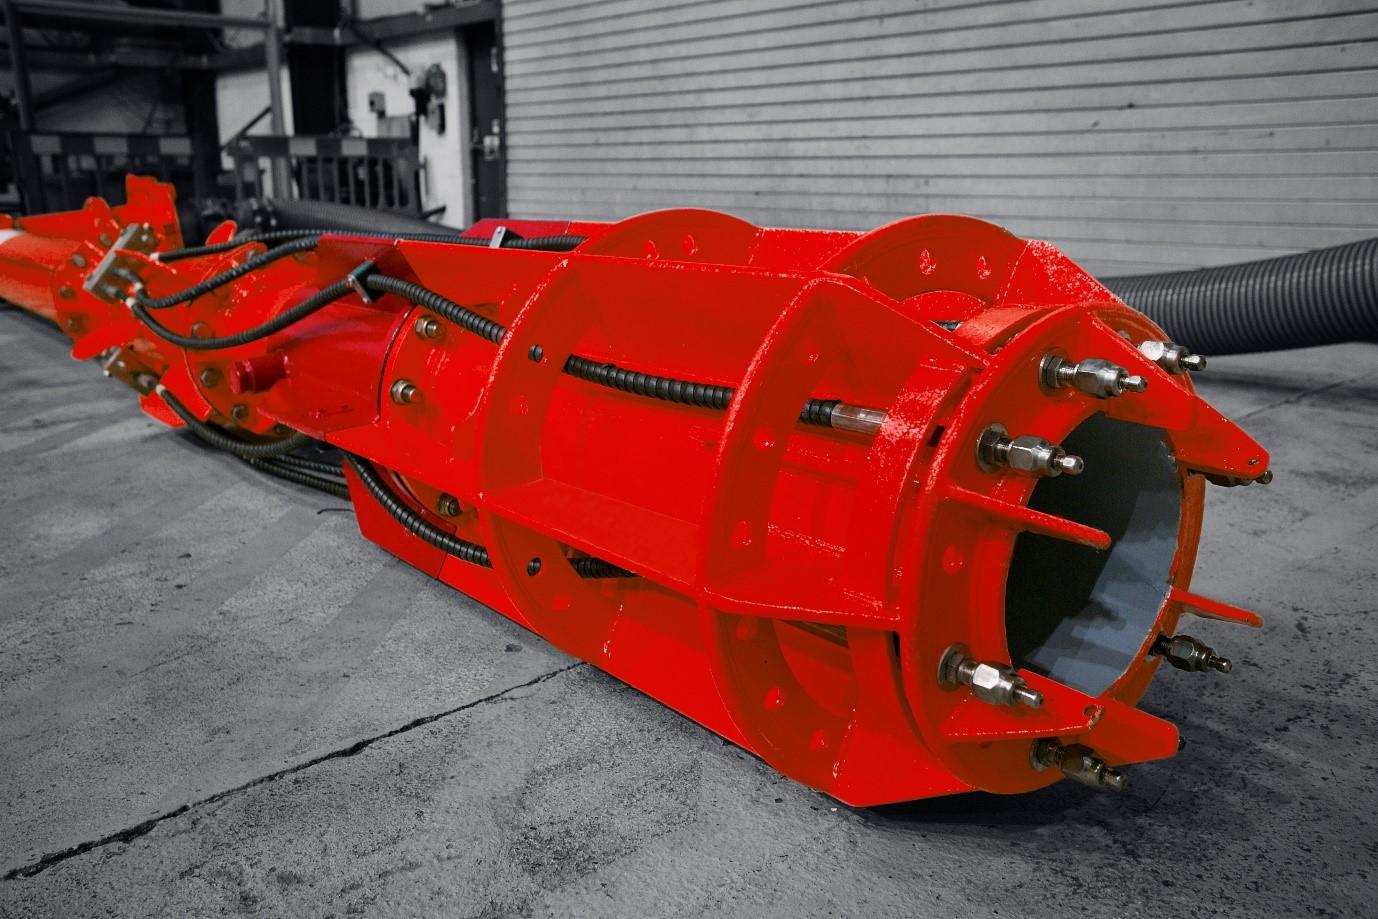 Claxton dredging equipment